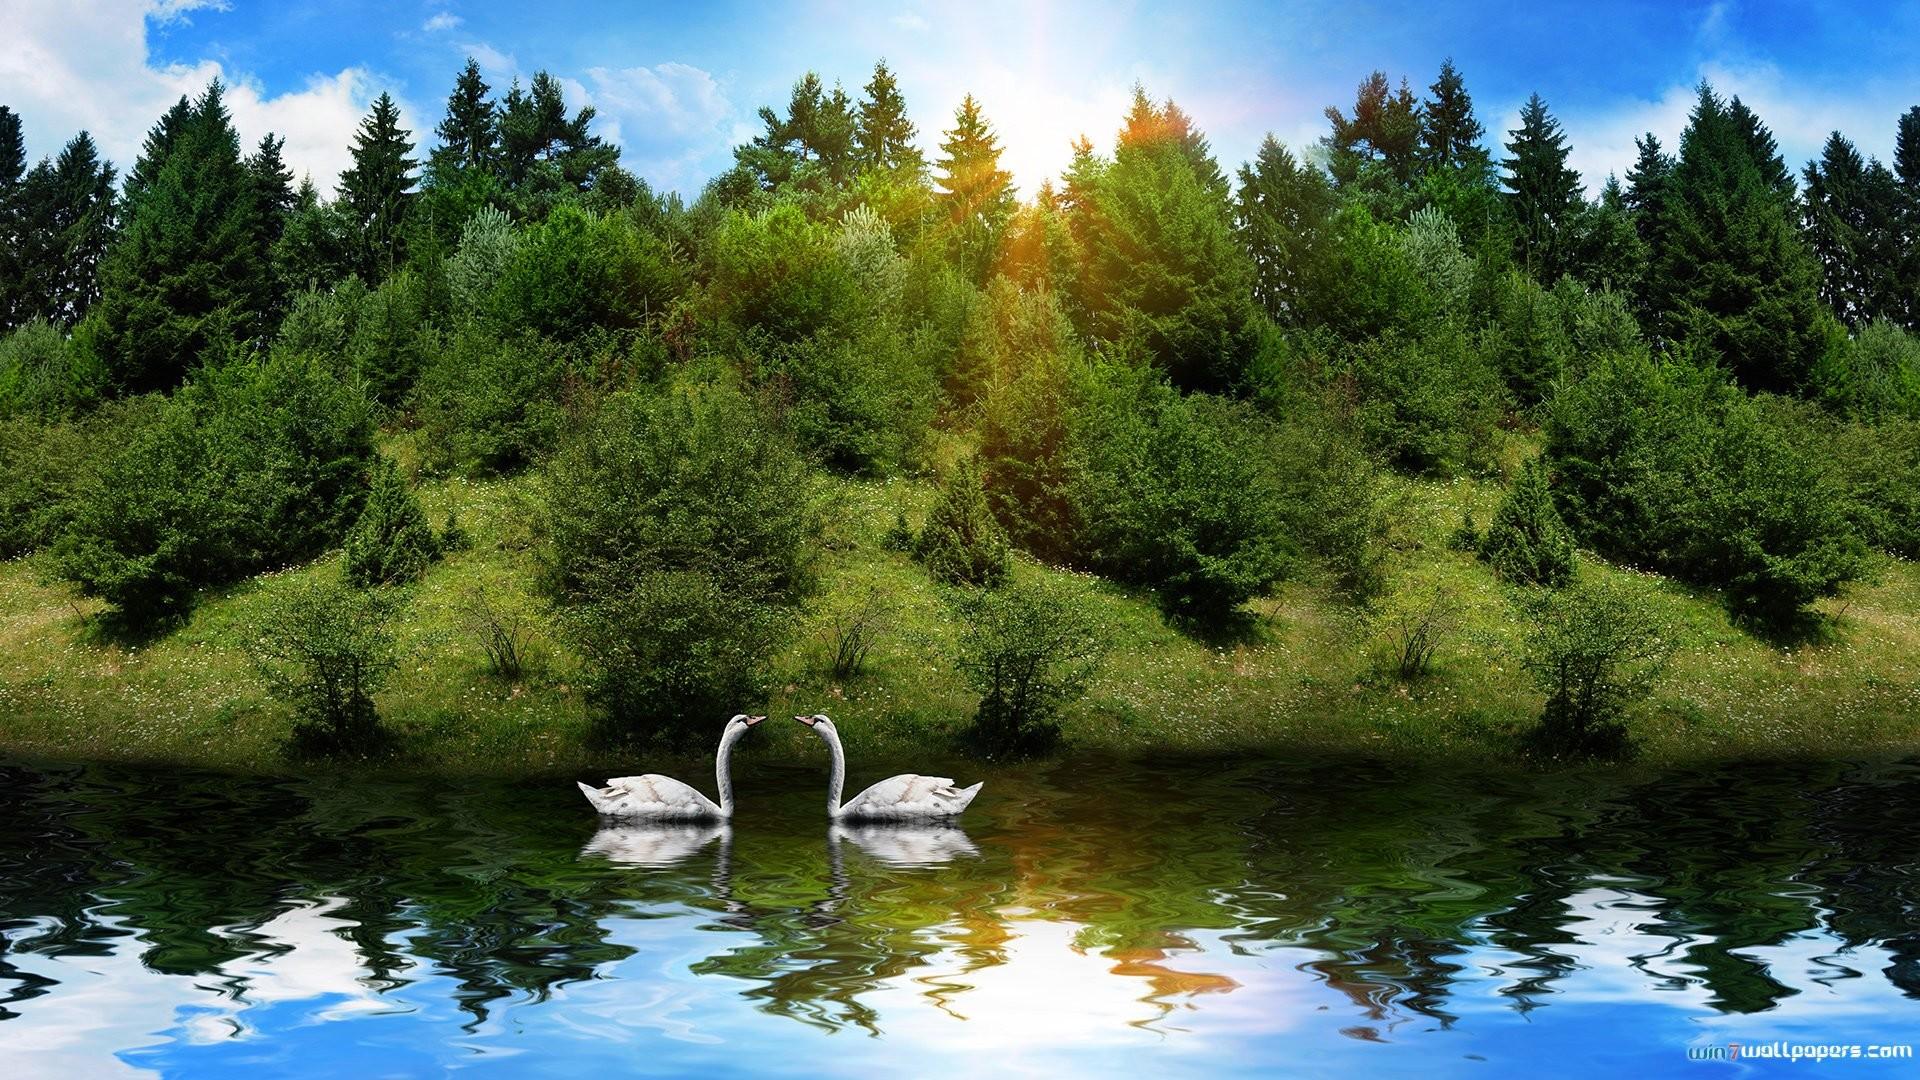 Nature Backgrounds For Desktop 65 Images